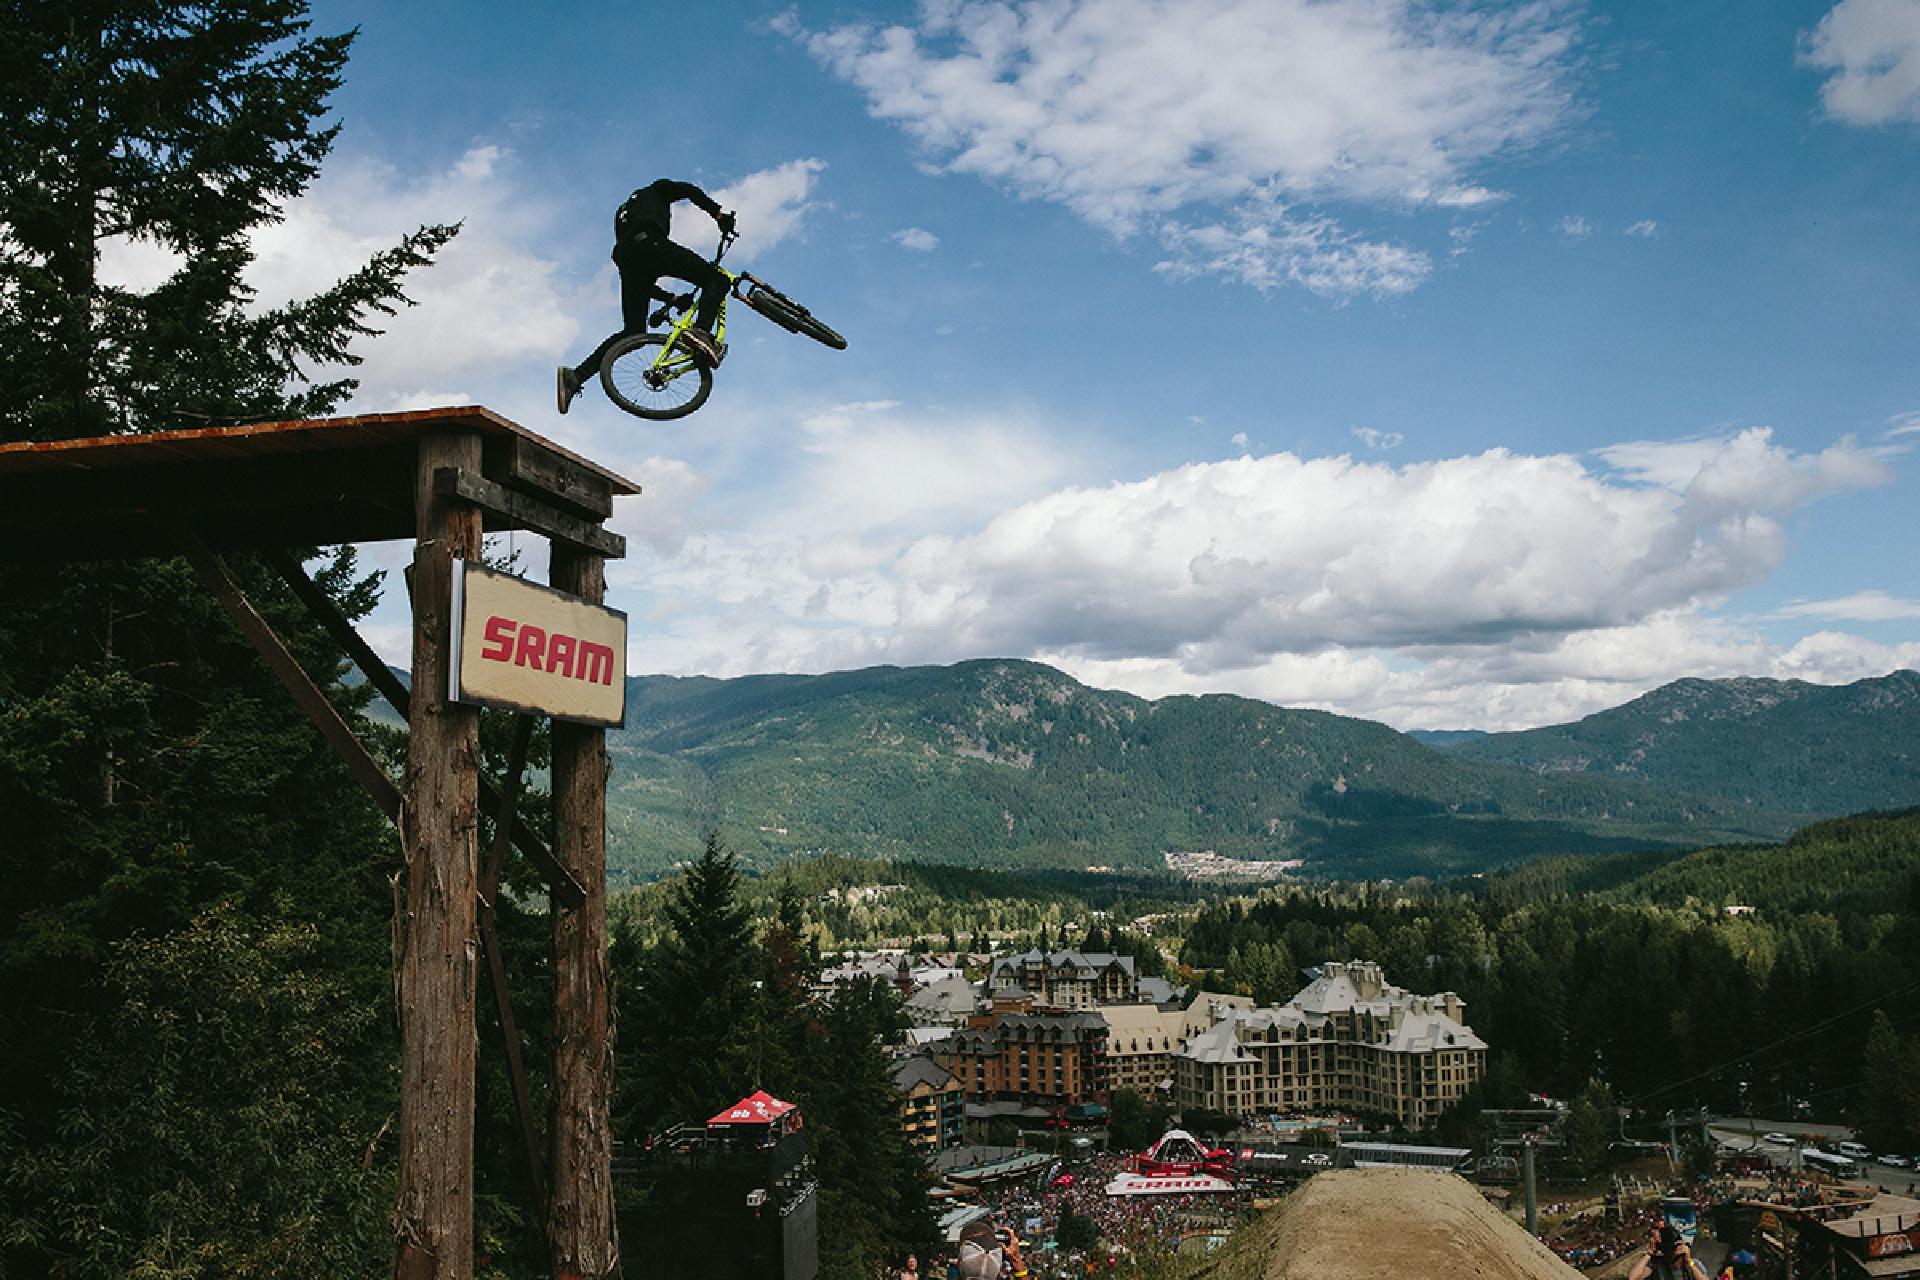 Brett Rheeder fuhr dem Team 2016 einen Sieg beim Crankworx Slopestyle in Whistler ein!